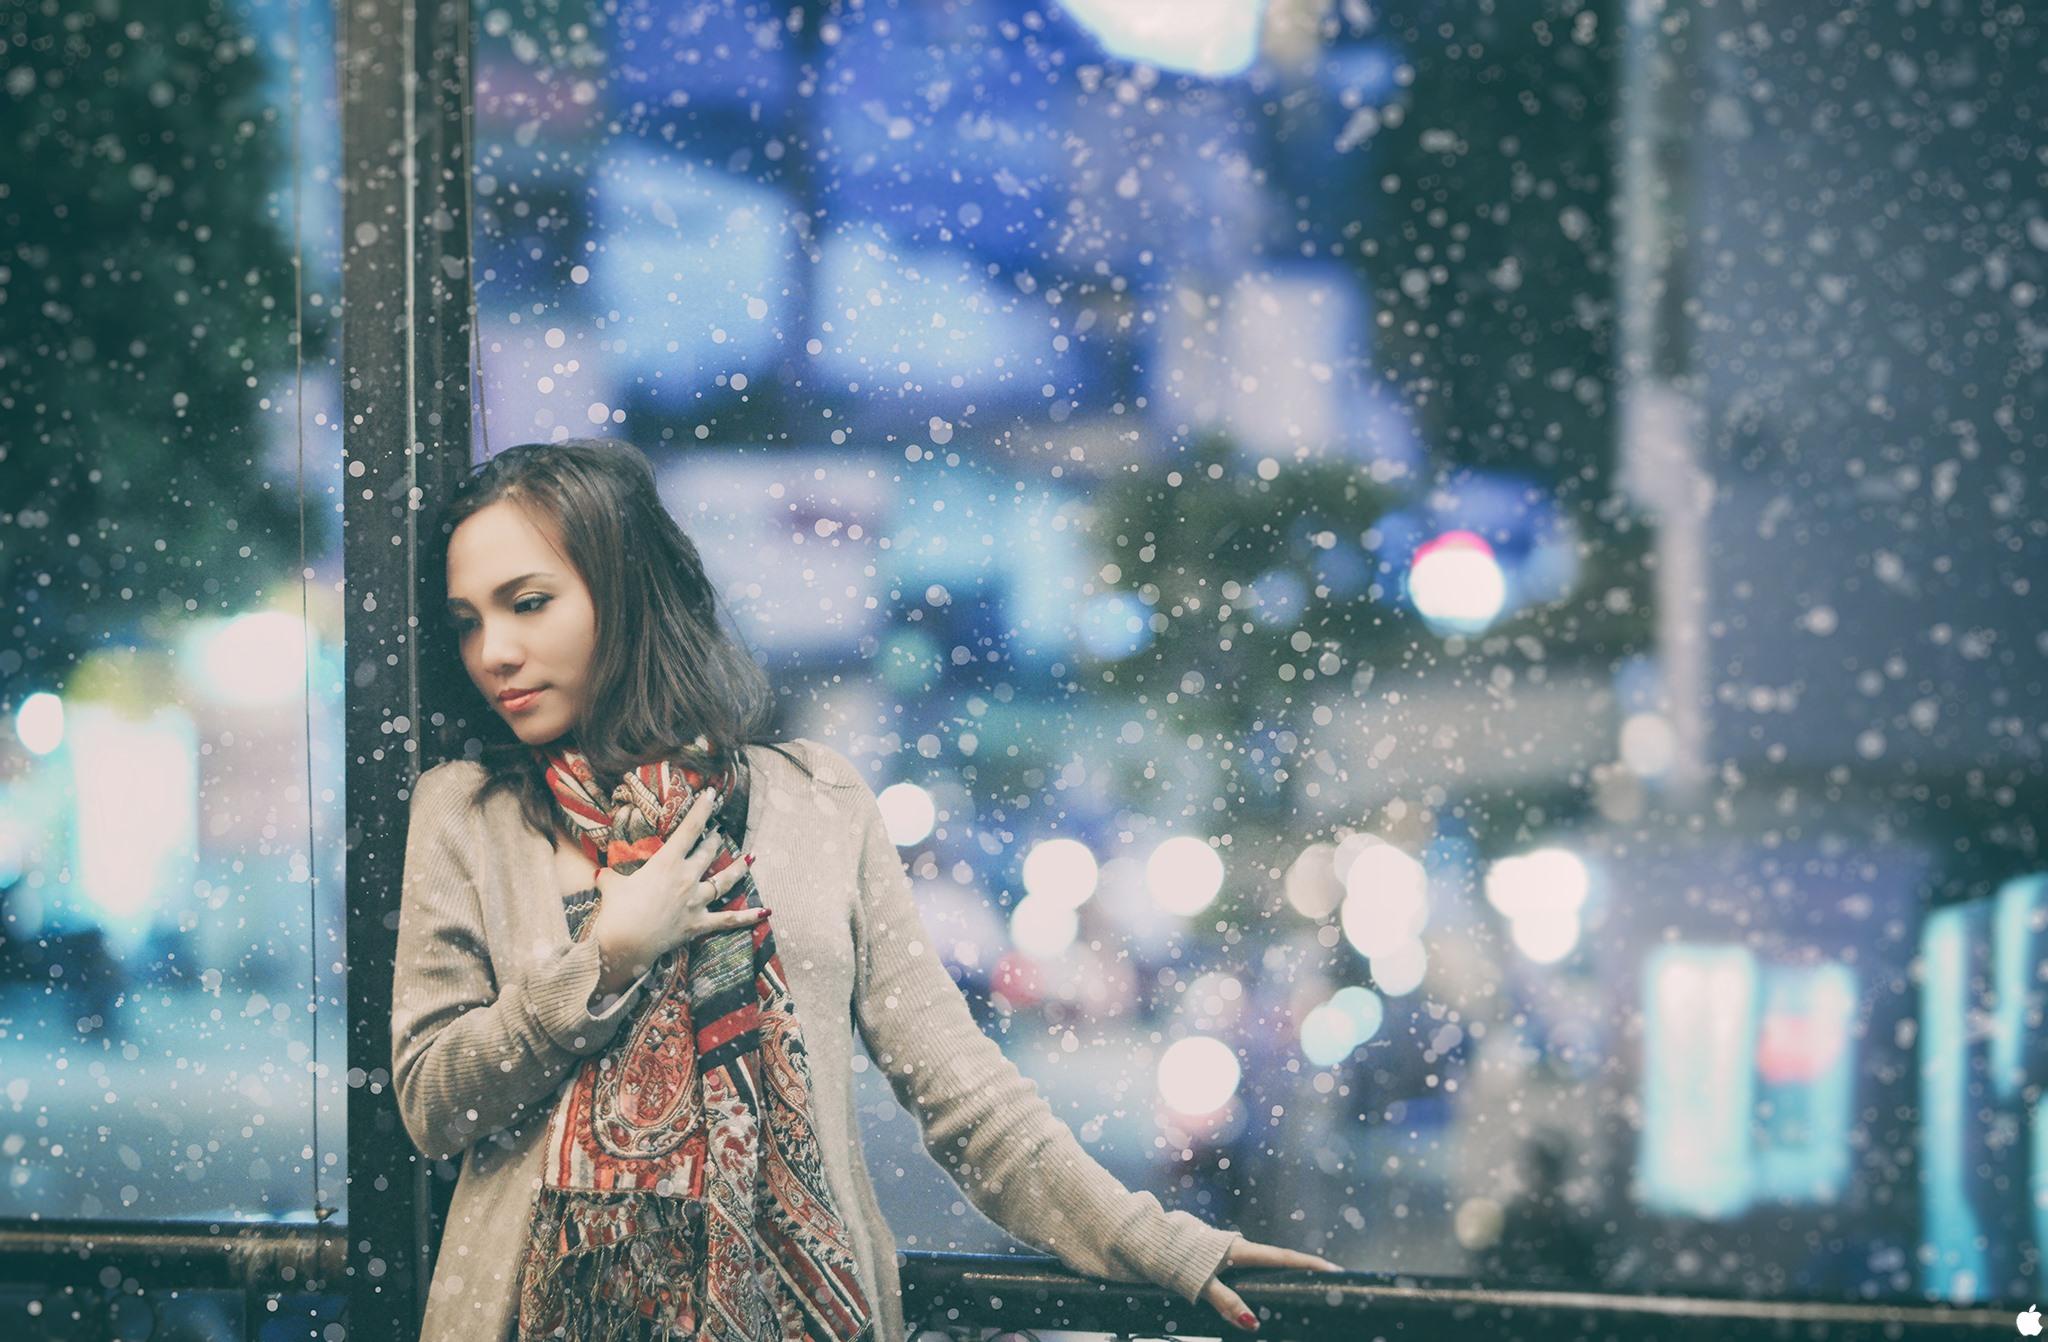 Ca Sĩ Đông Châu: Còn tuổi nào cho em – Tamar Lê and Quynh Lê